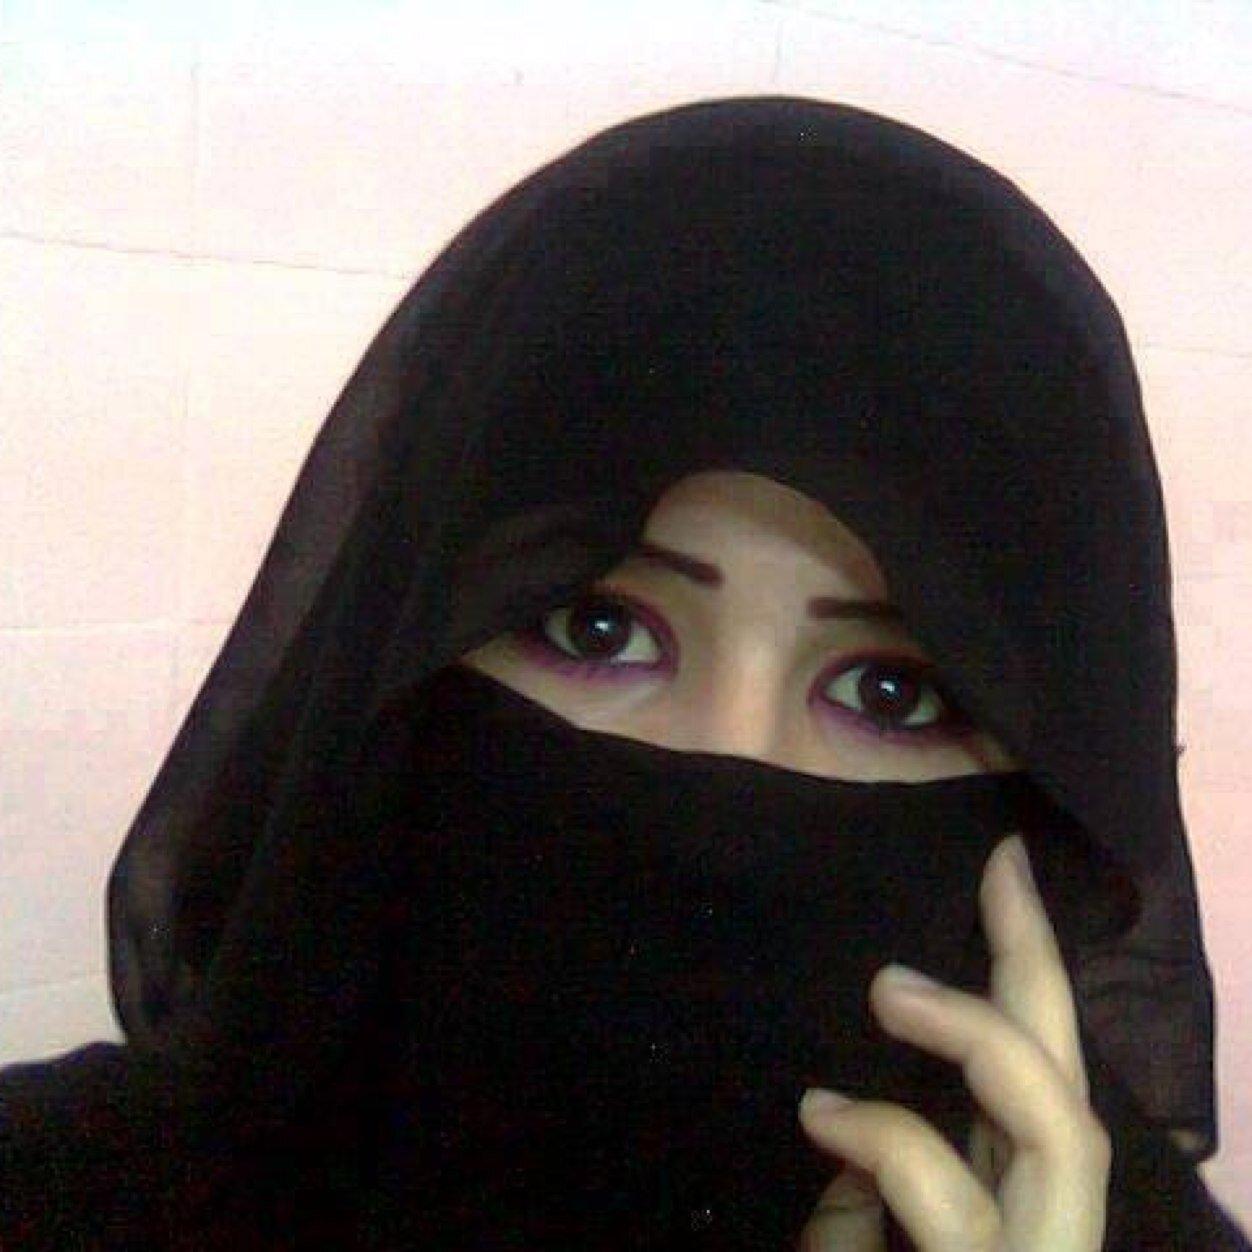 بالصور بنات اليمن اب , صور يمنيات للفيس بوك